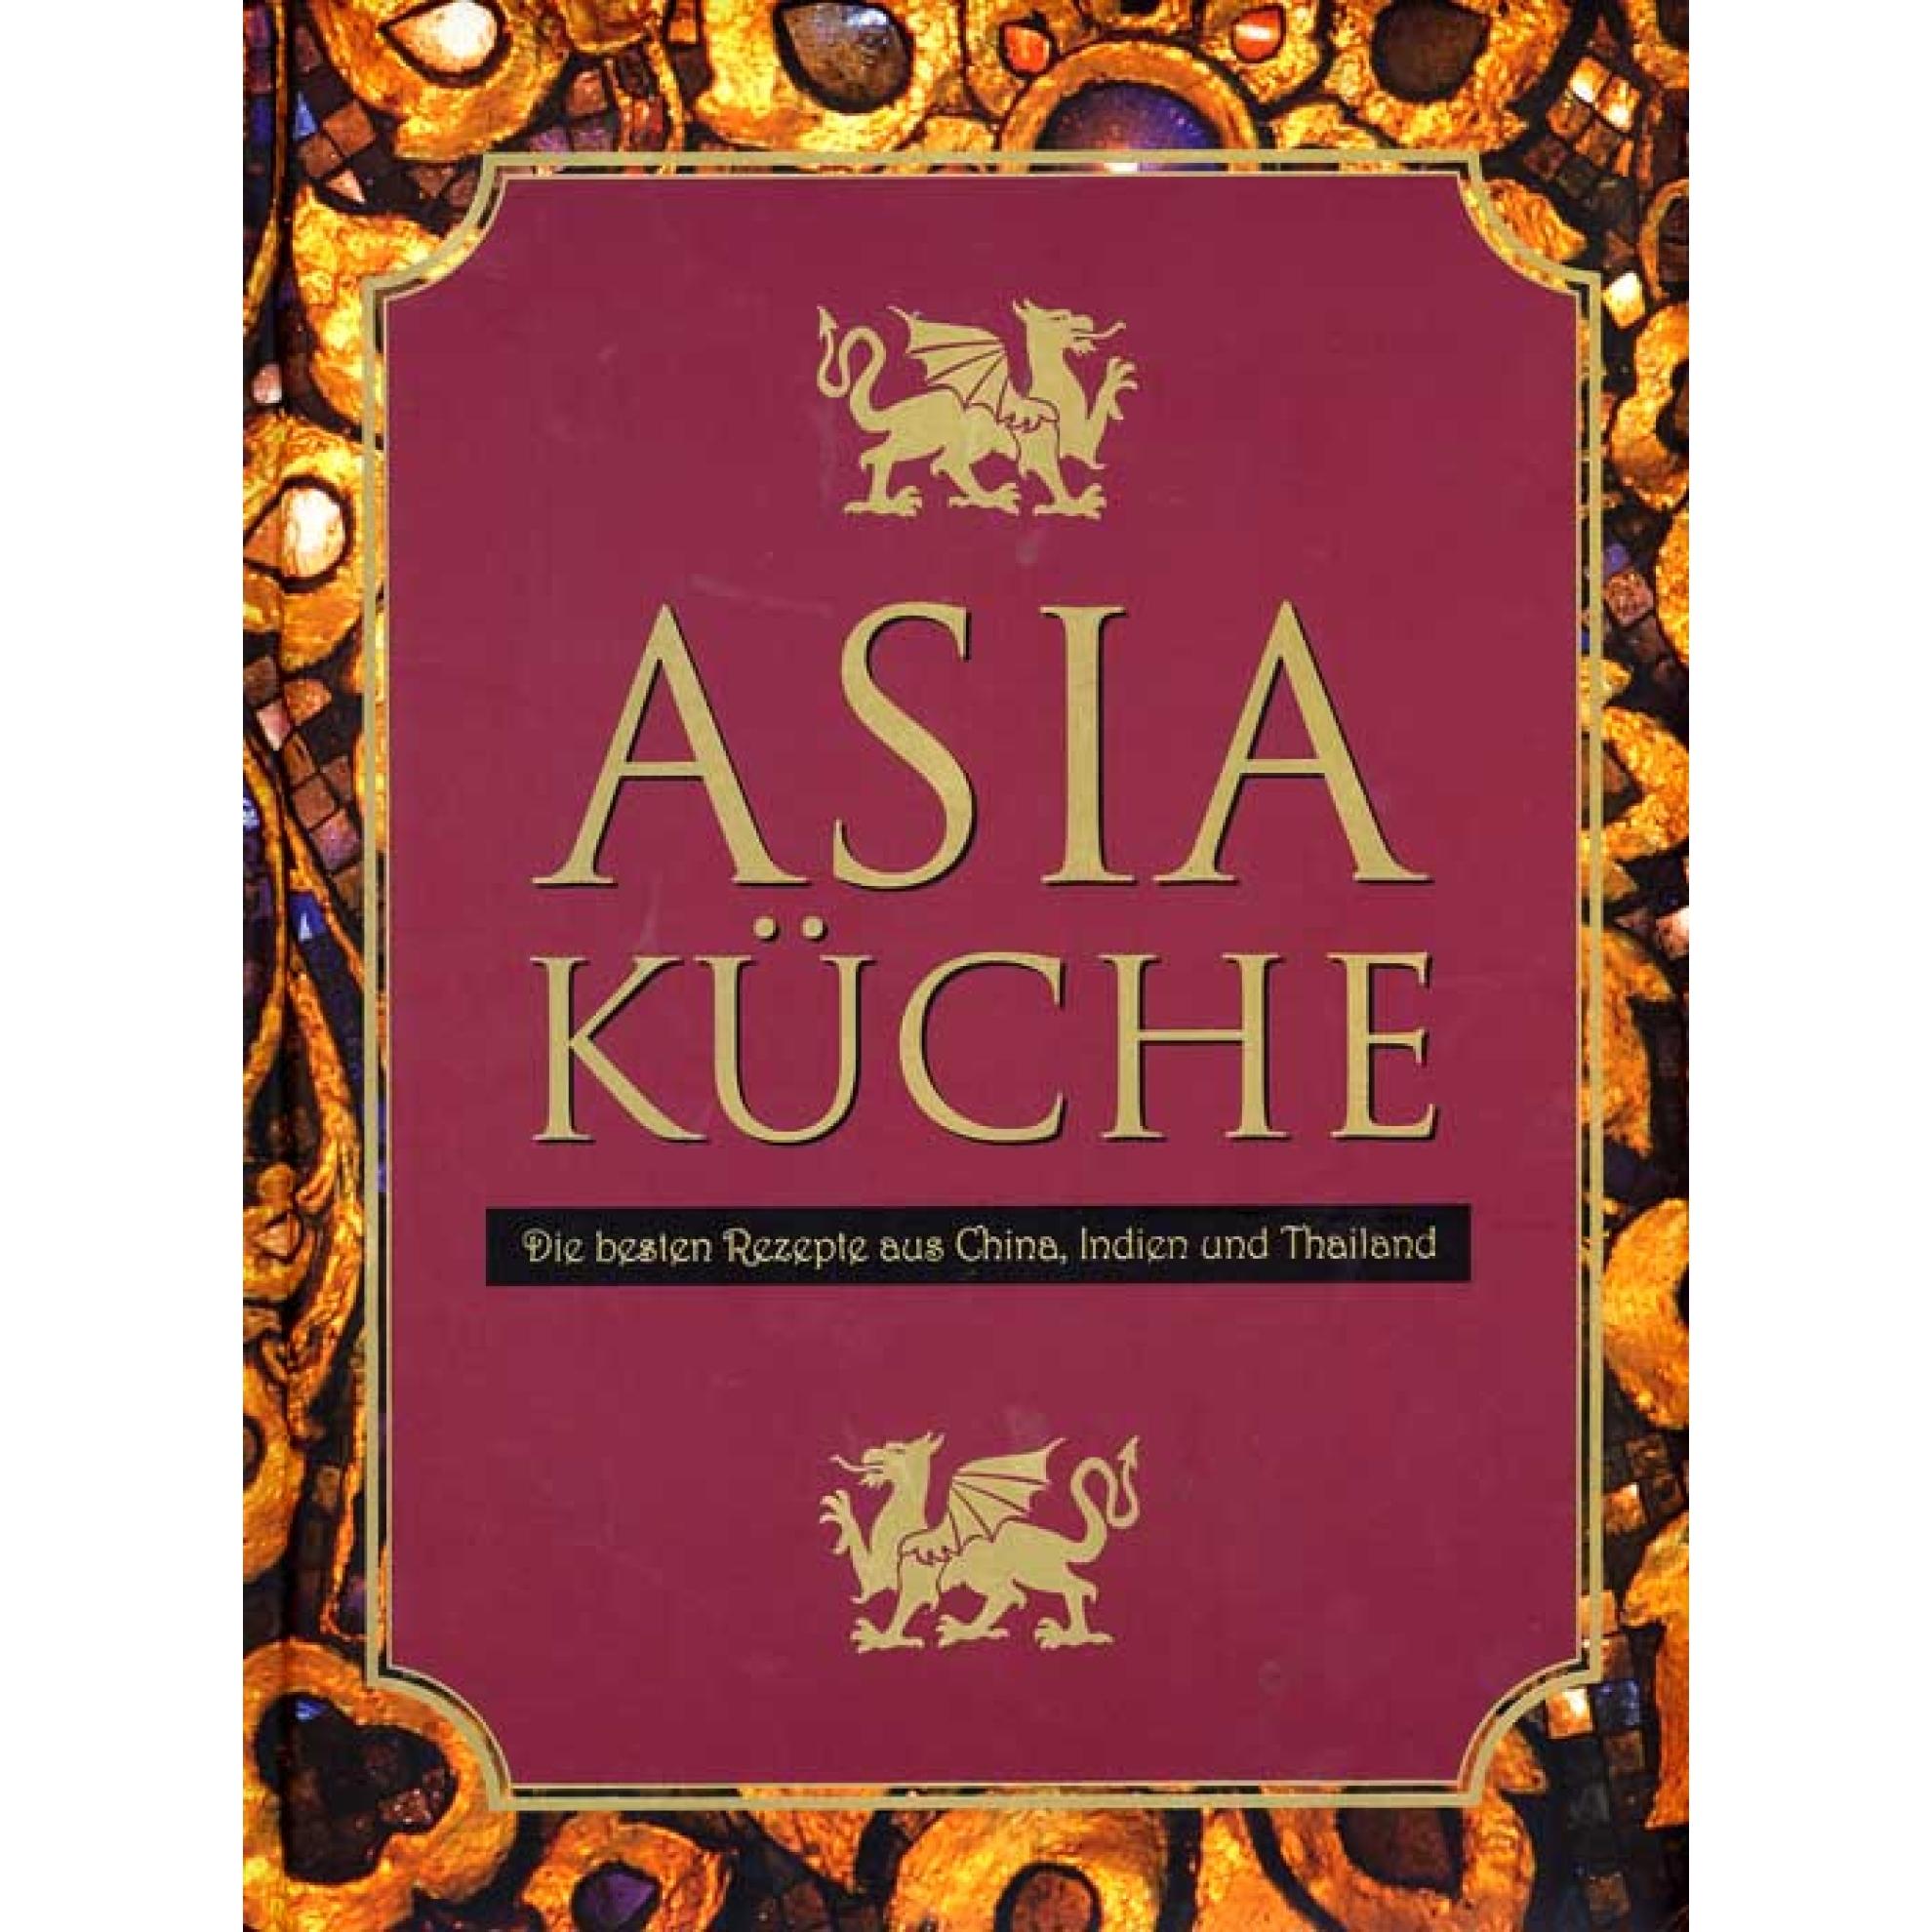 asia küche (die besten rezepte aus china, indien und thailand